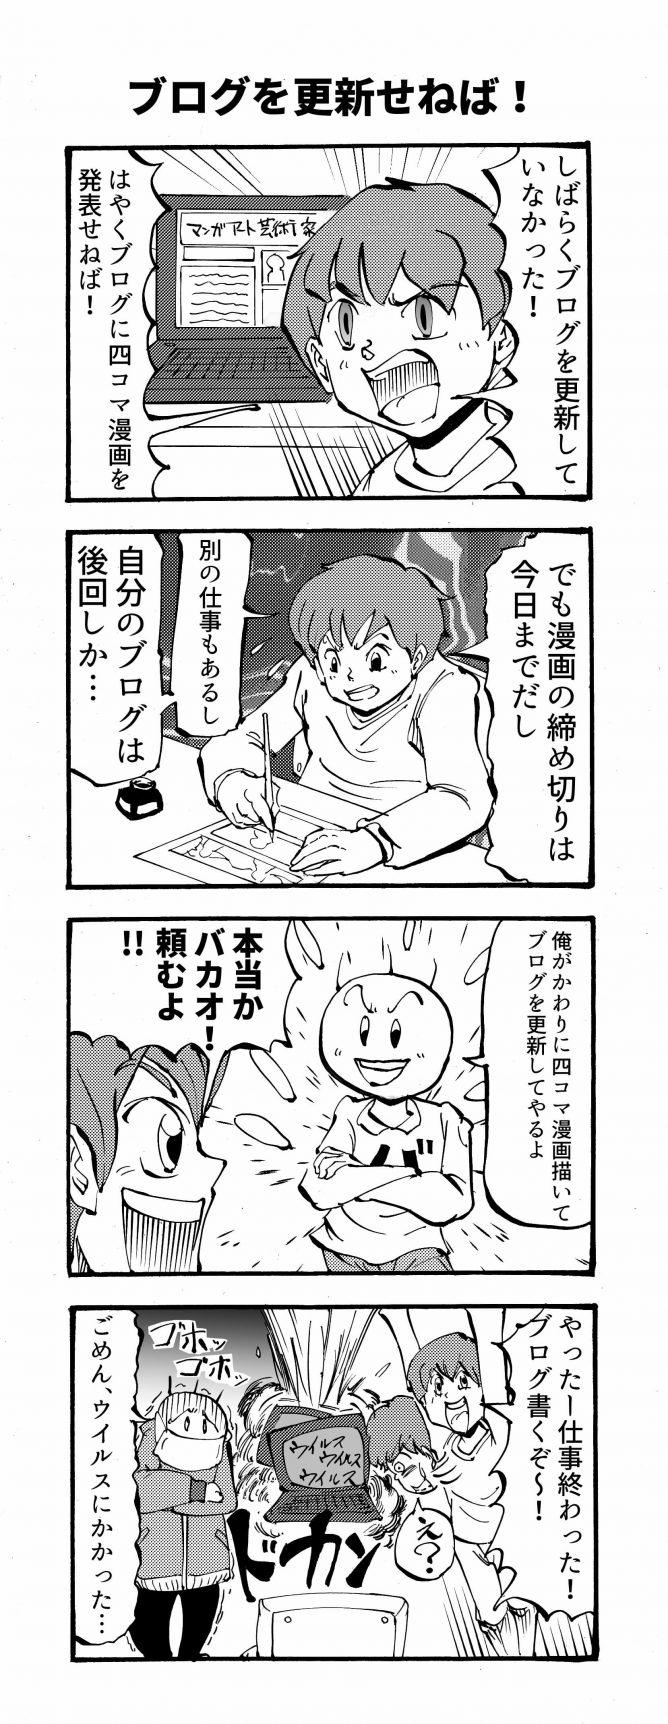 ブログを更新 四コマ漫画